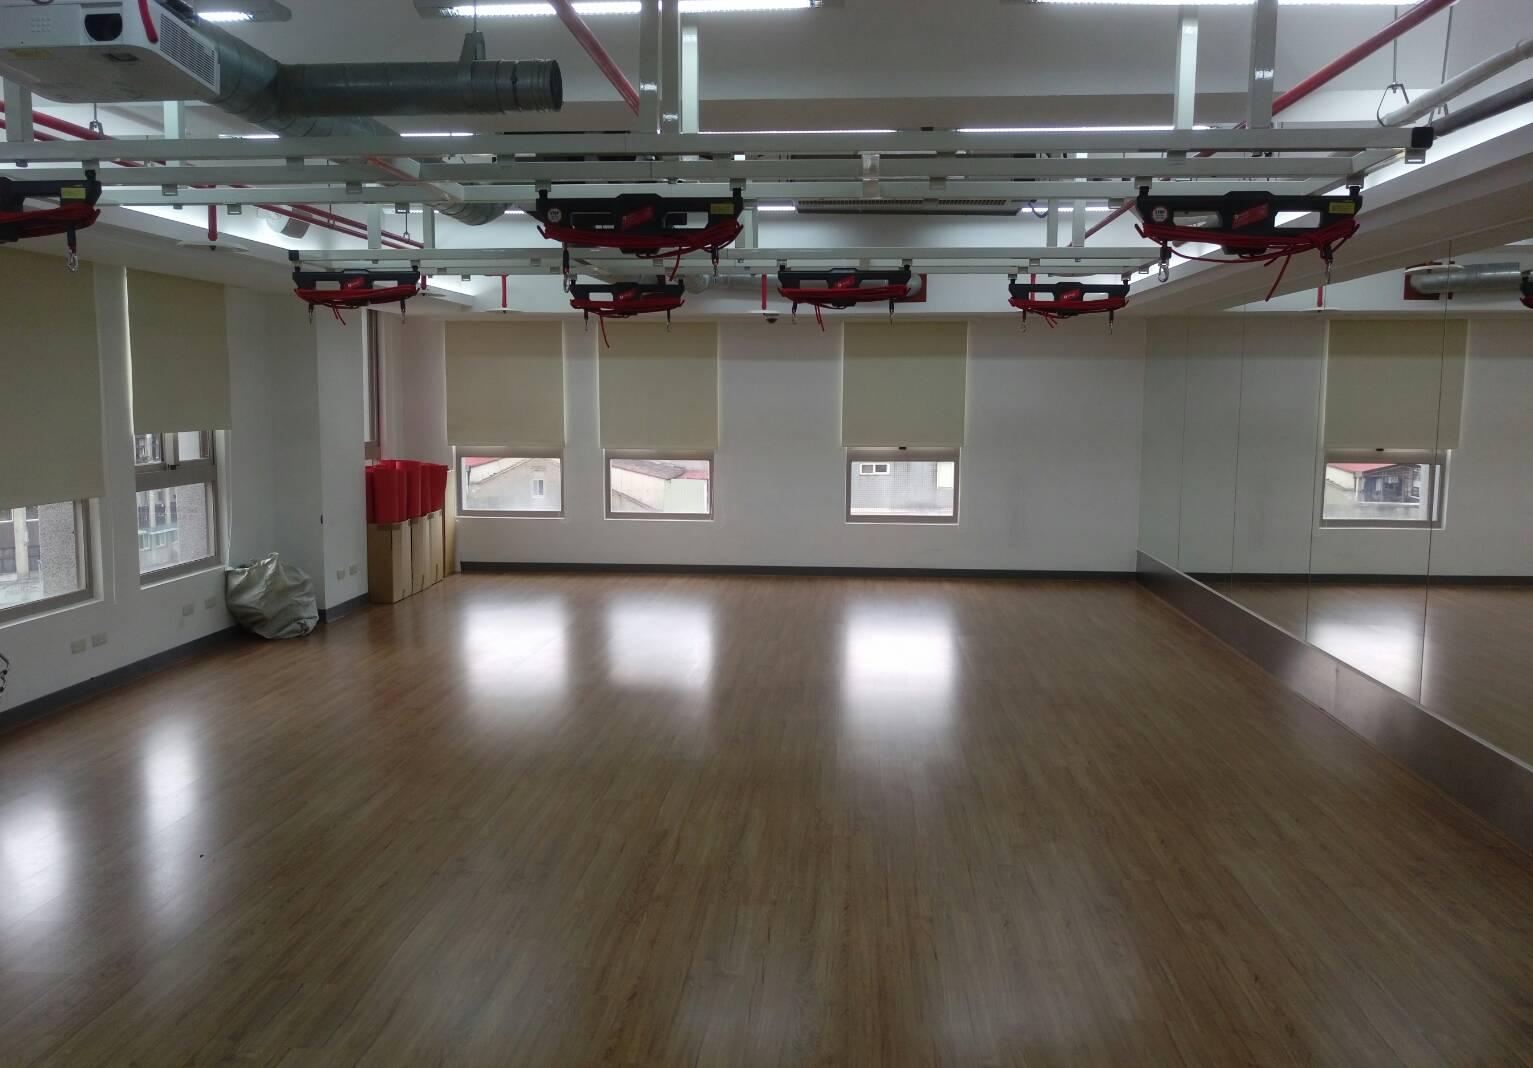 5樓體適能室空間示意圖一